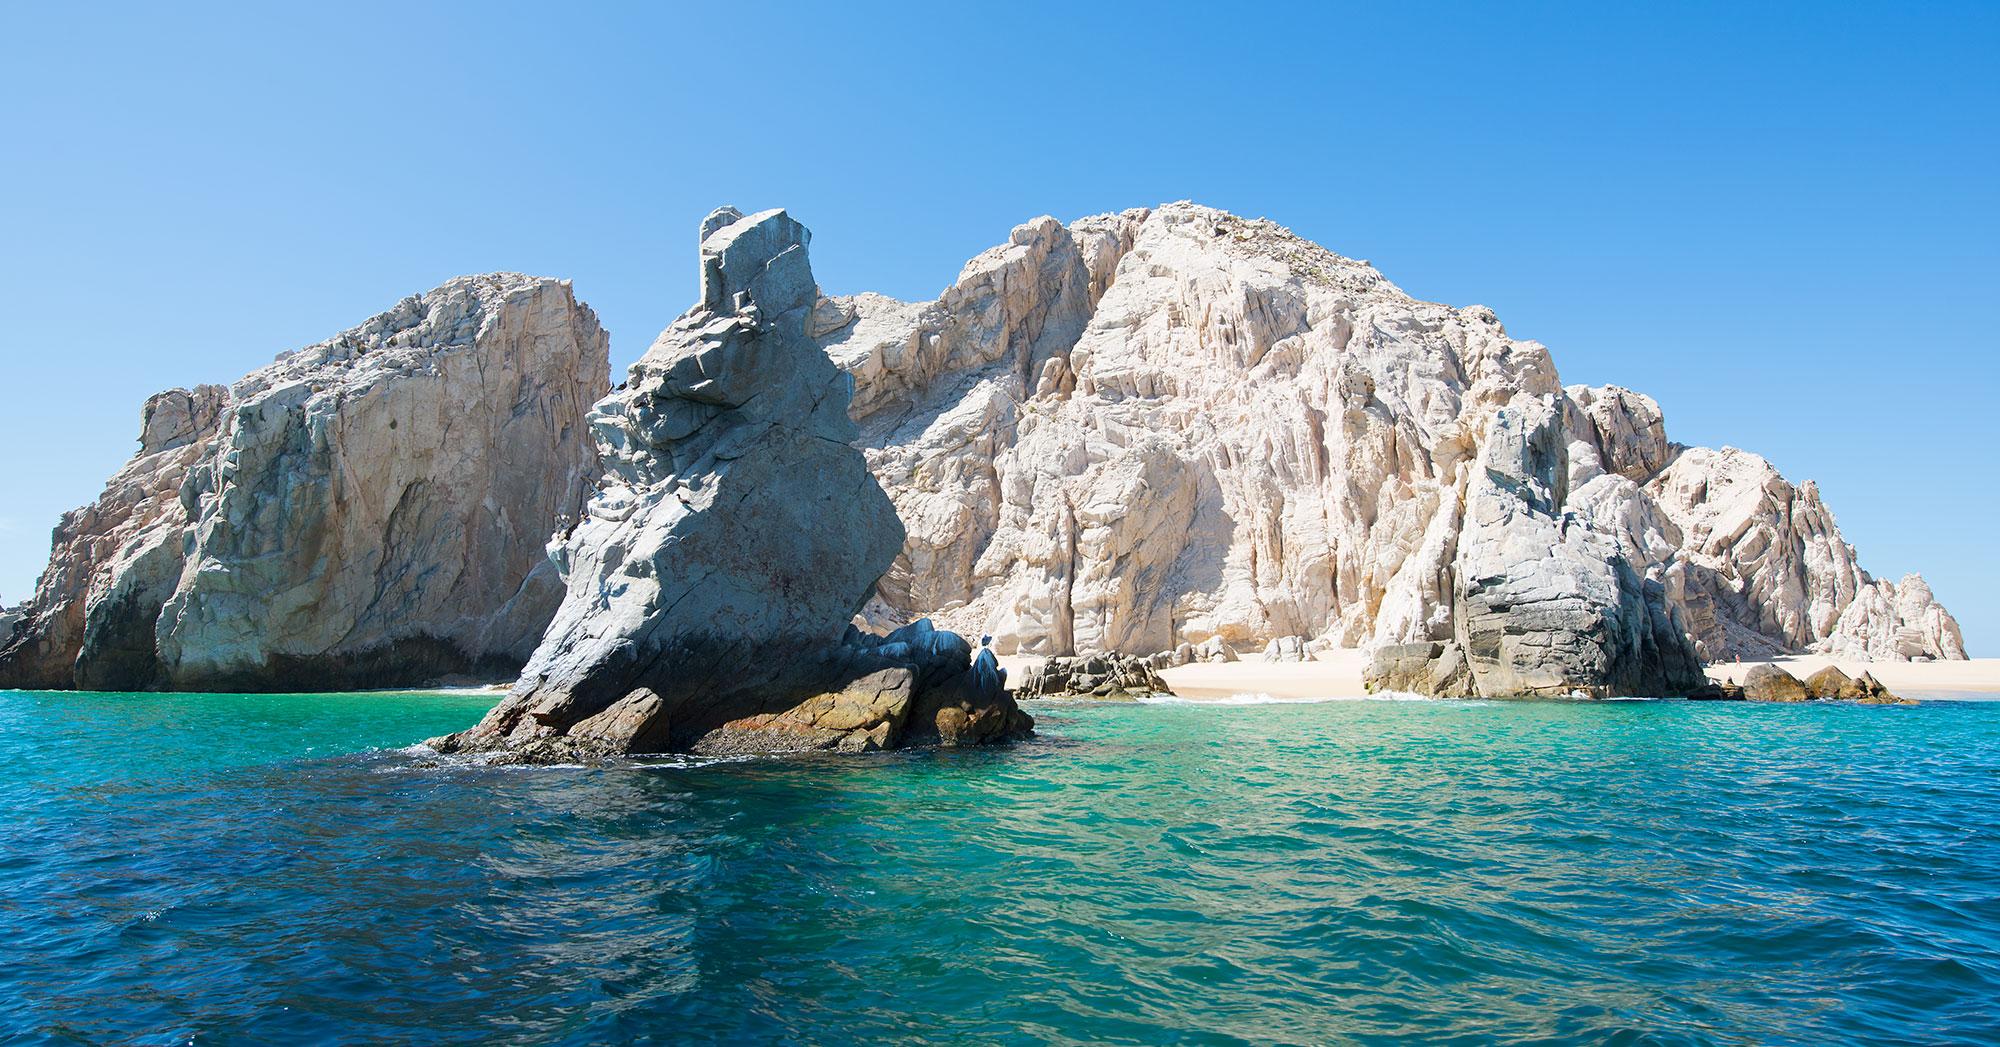 Cabos San Lucas, Baja California - Mexico